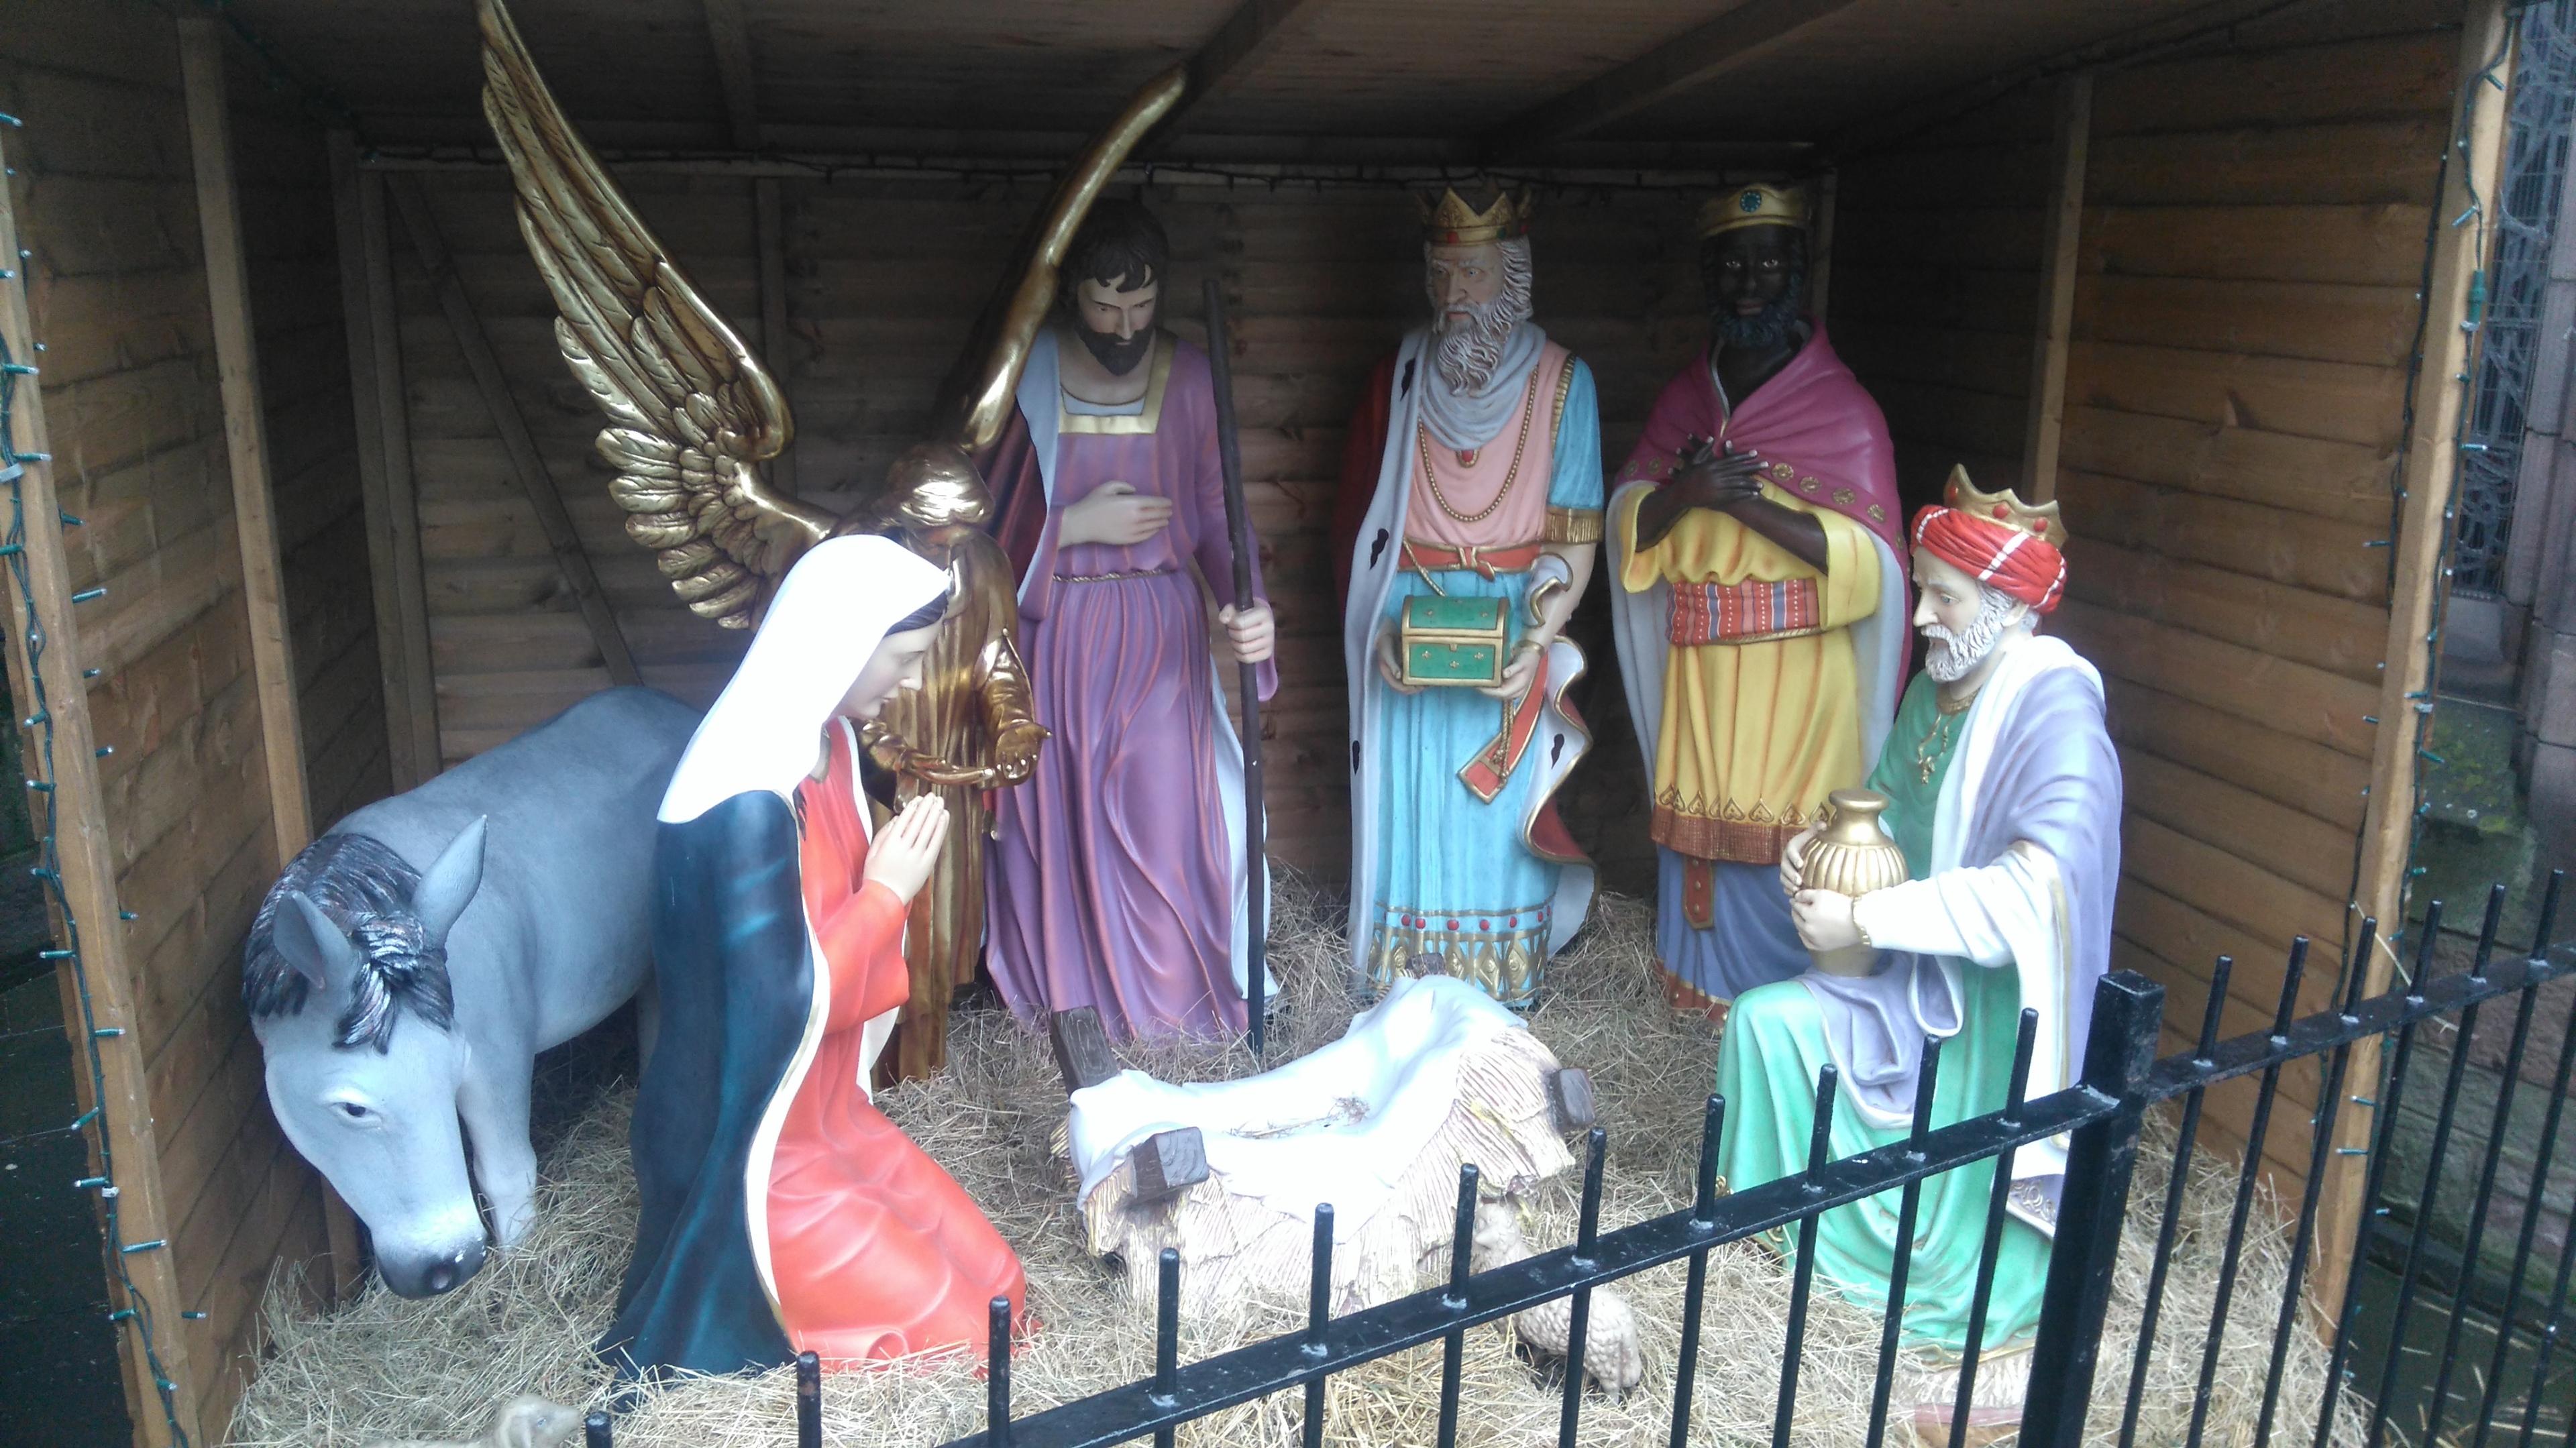 The Nativity Scene at St John's Kirk, awaiting the model's return.